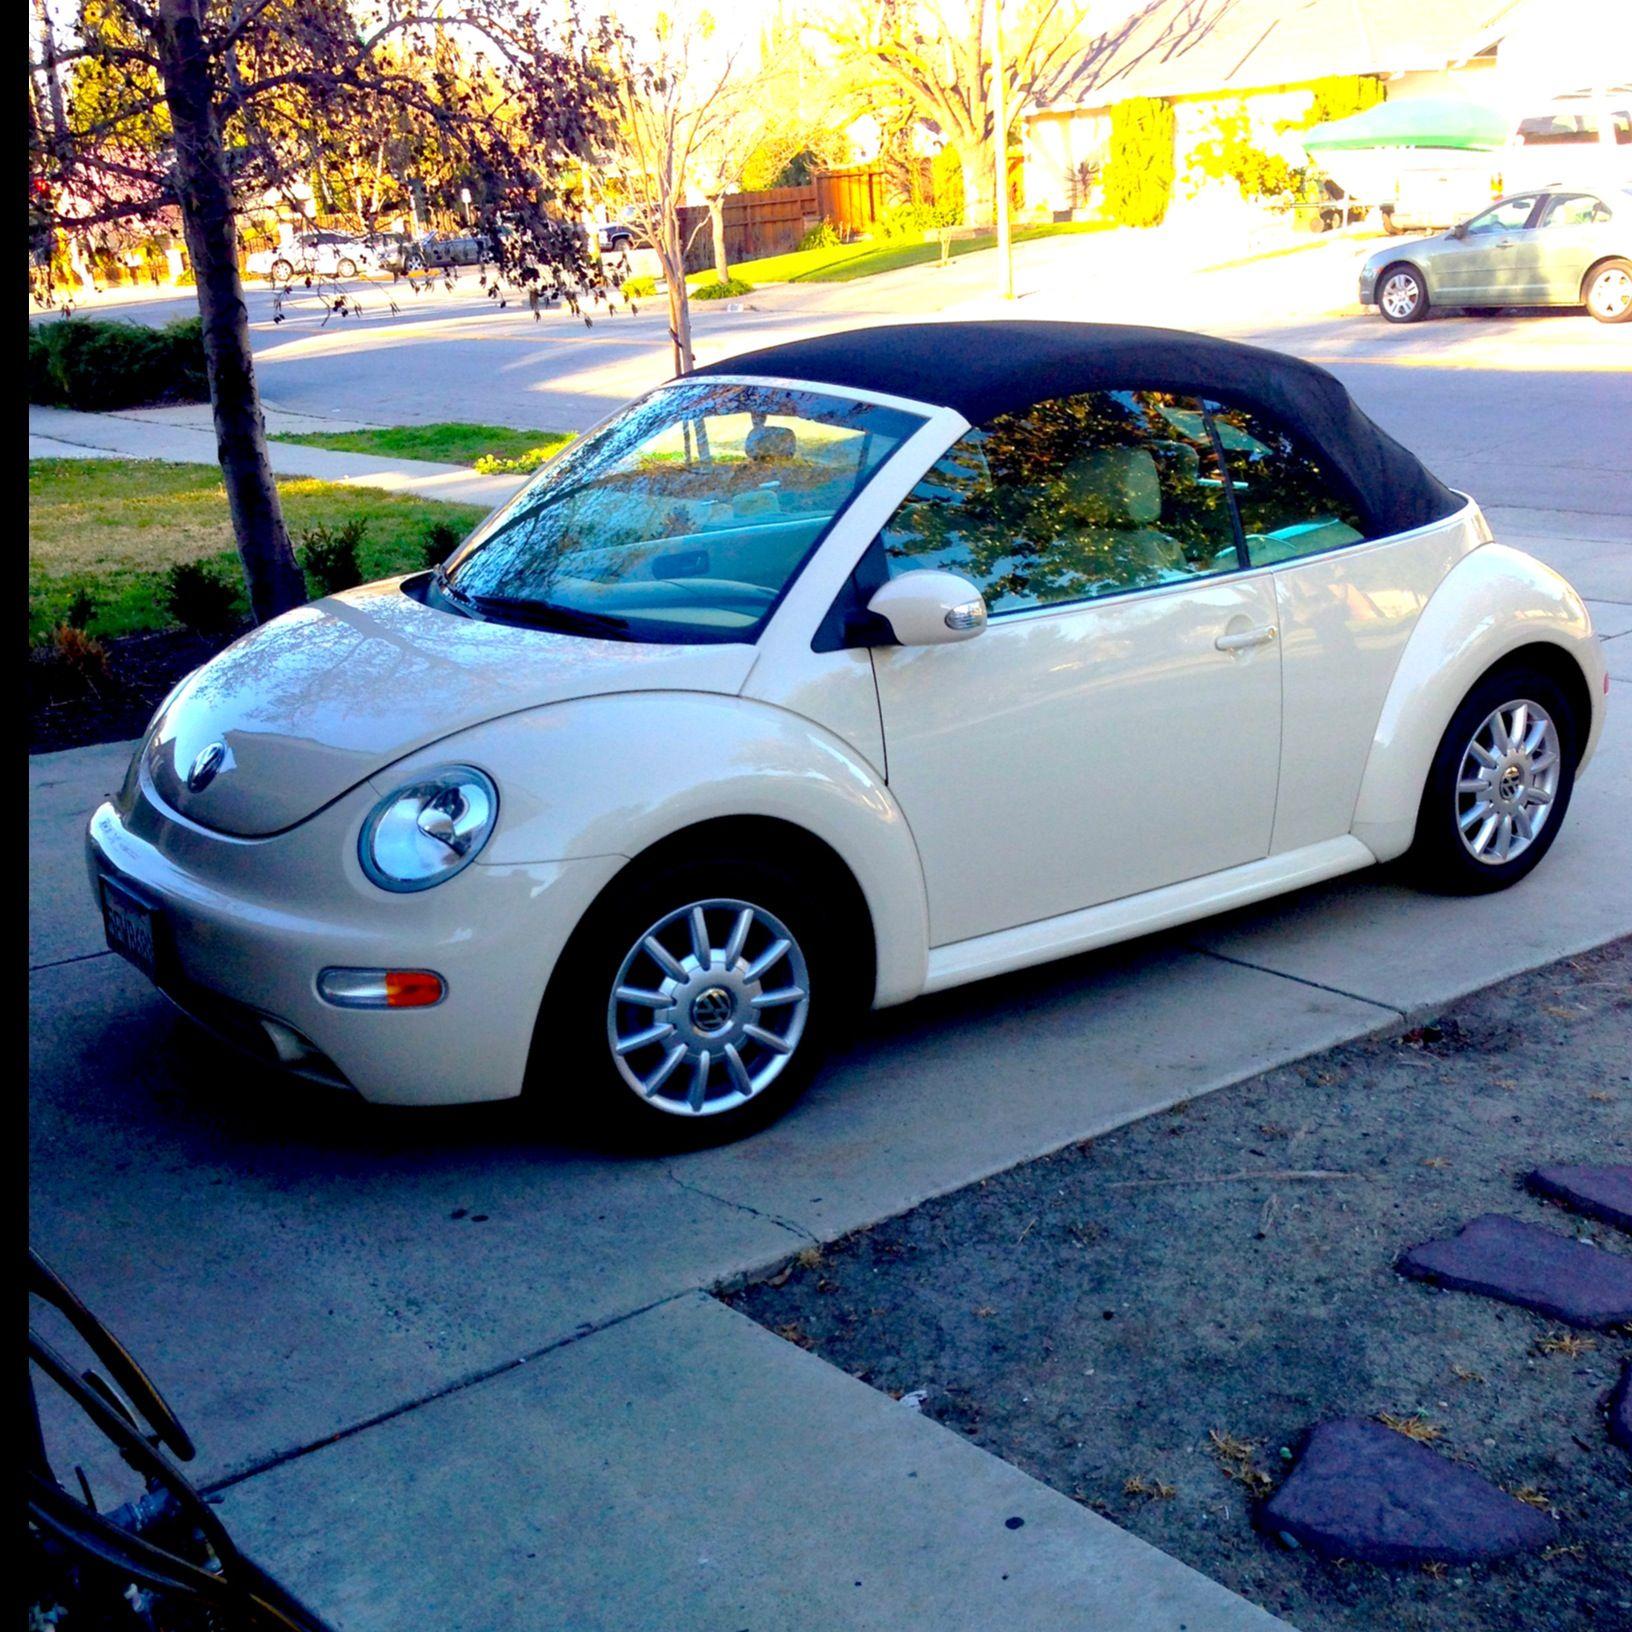 Cheap Used Volkswagen Beetle Convertible For Sale: Volkswagen New Beetle